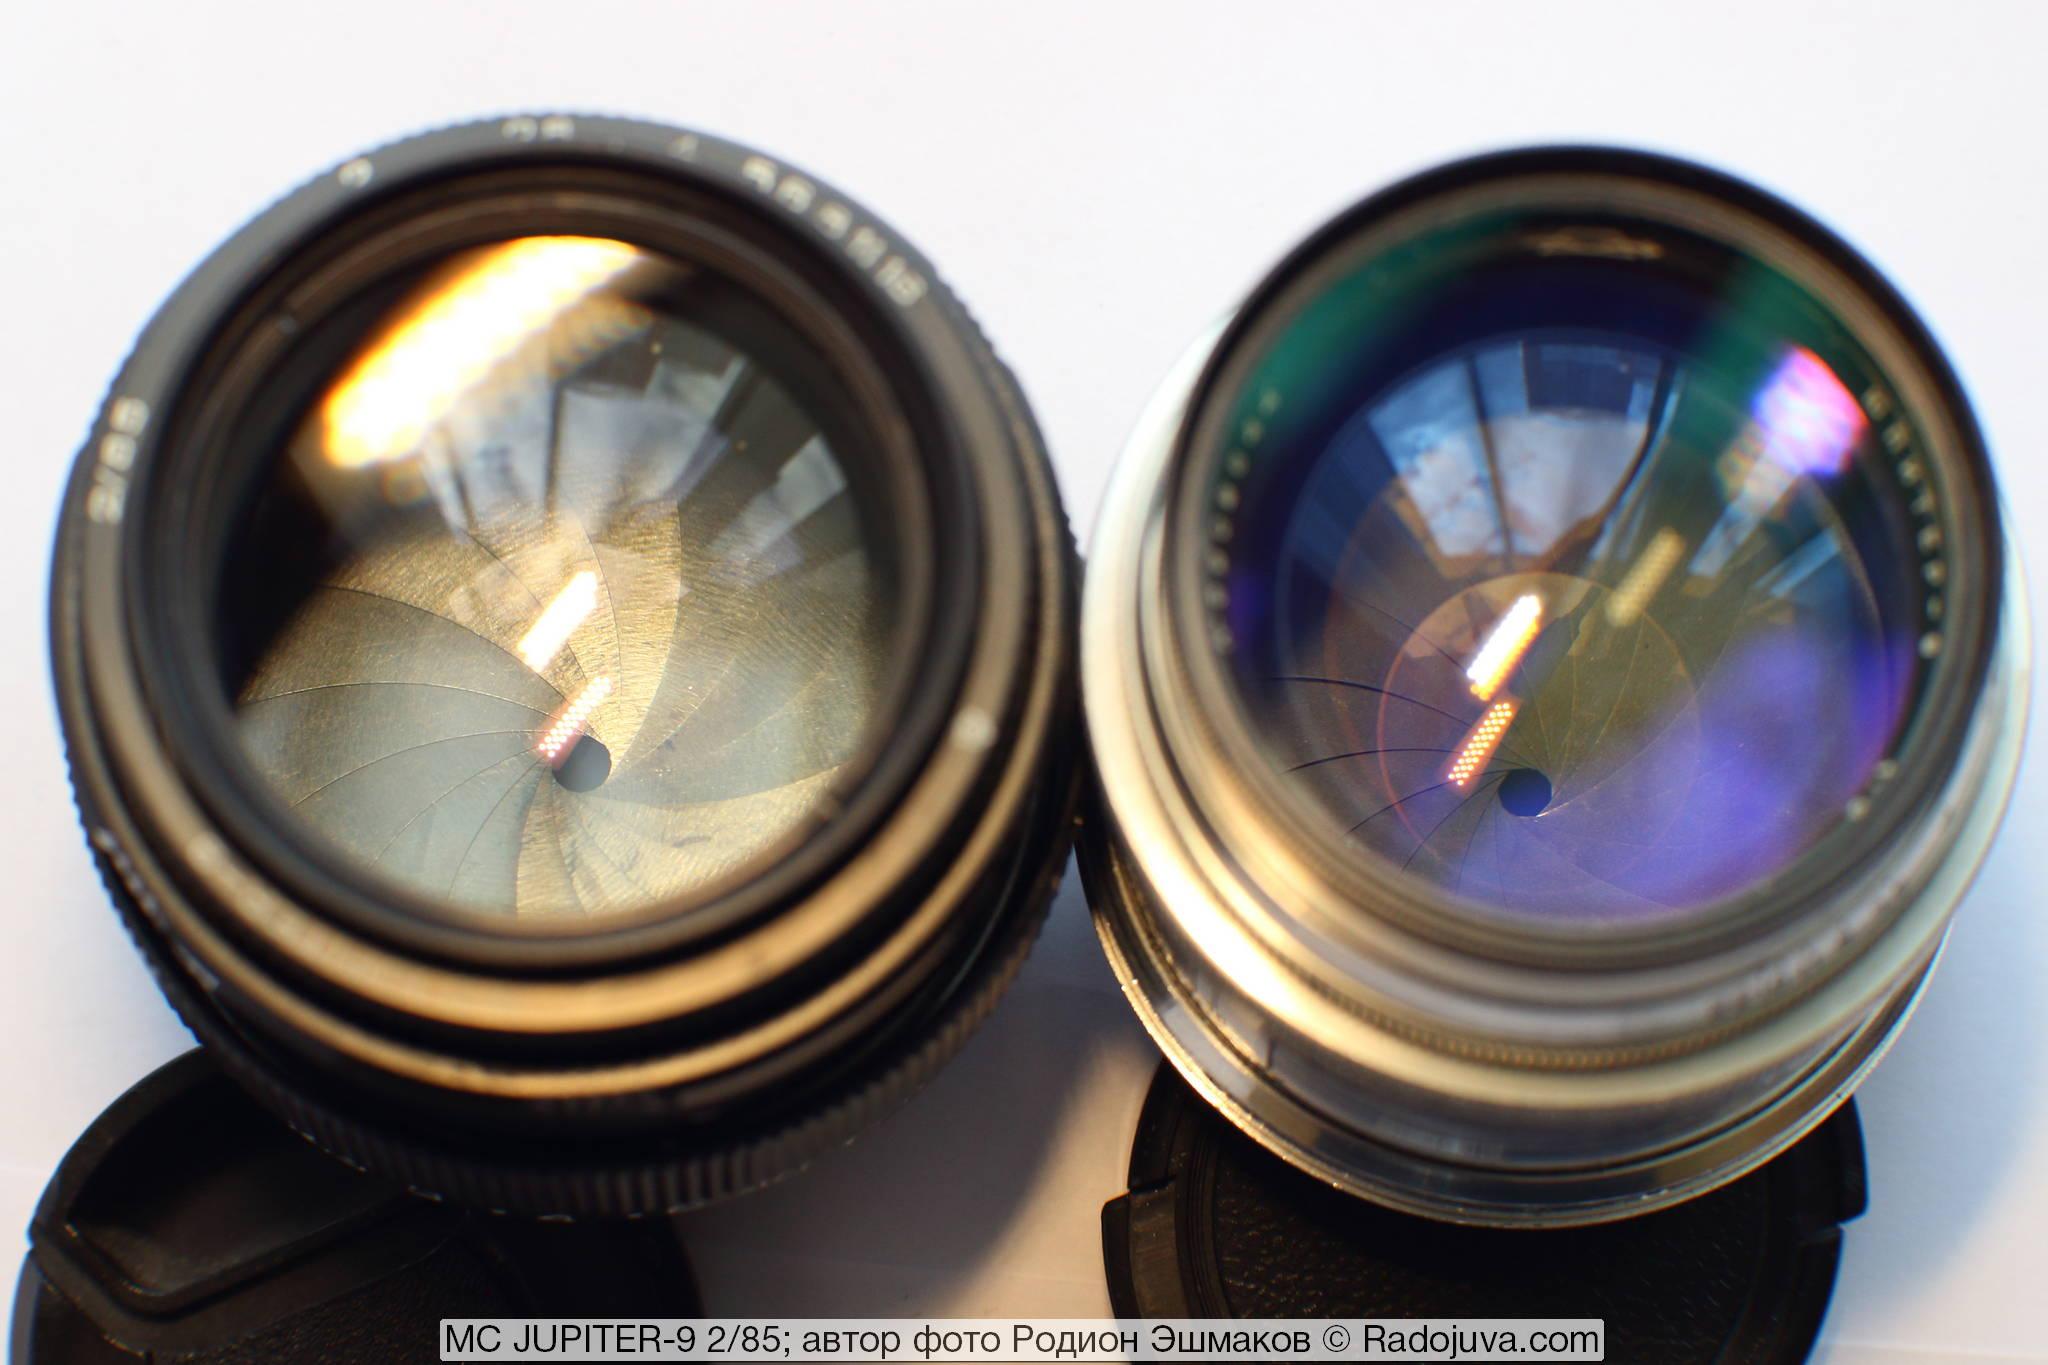 Блестящая диафрагма ЛЗОС MC Jupiter-9 2/85 в сравнении с черненой ЮПИТЕР-9 1:2 F=8.5см